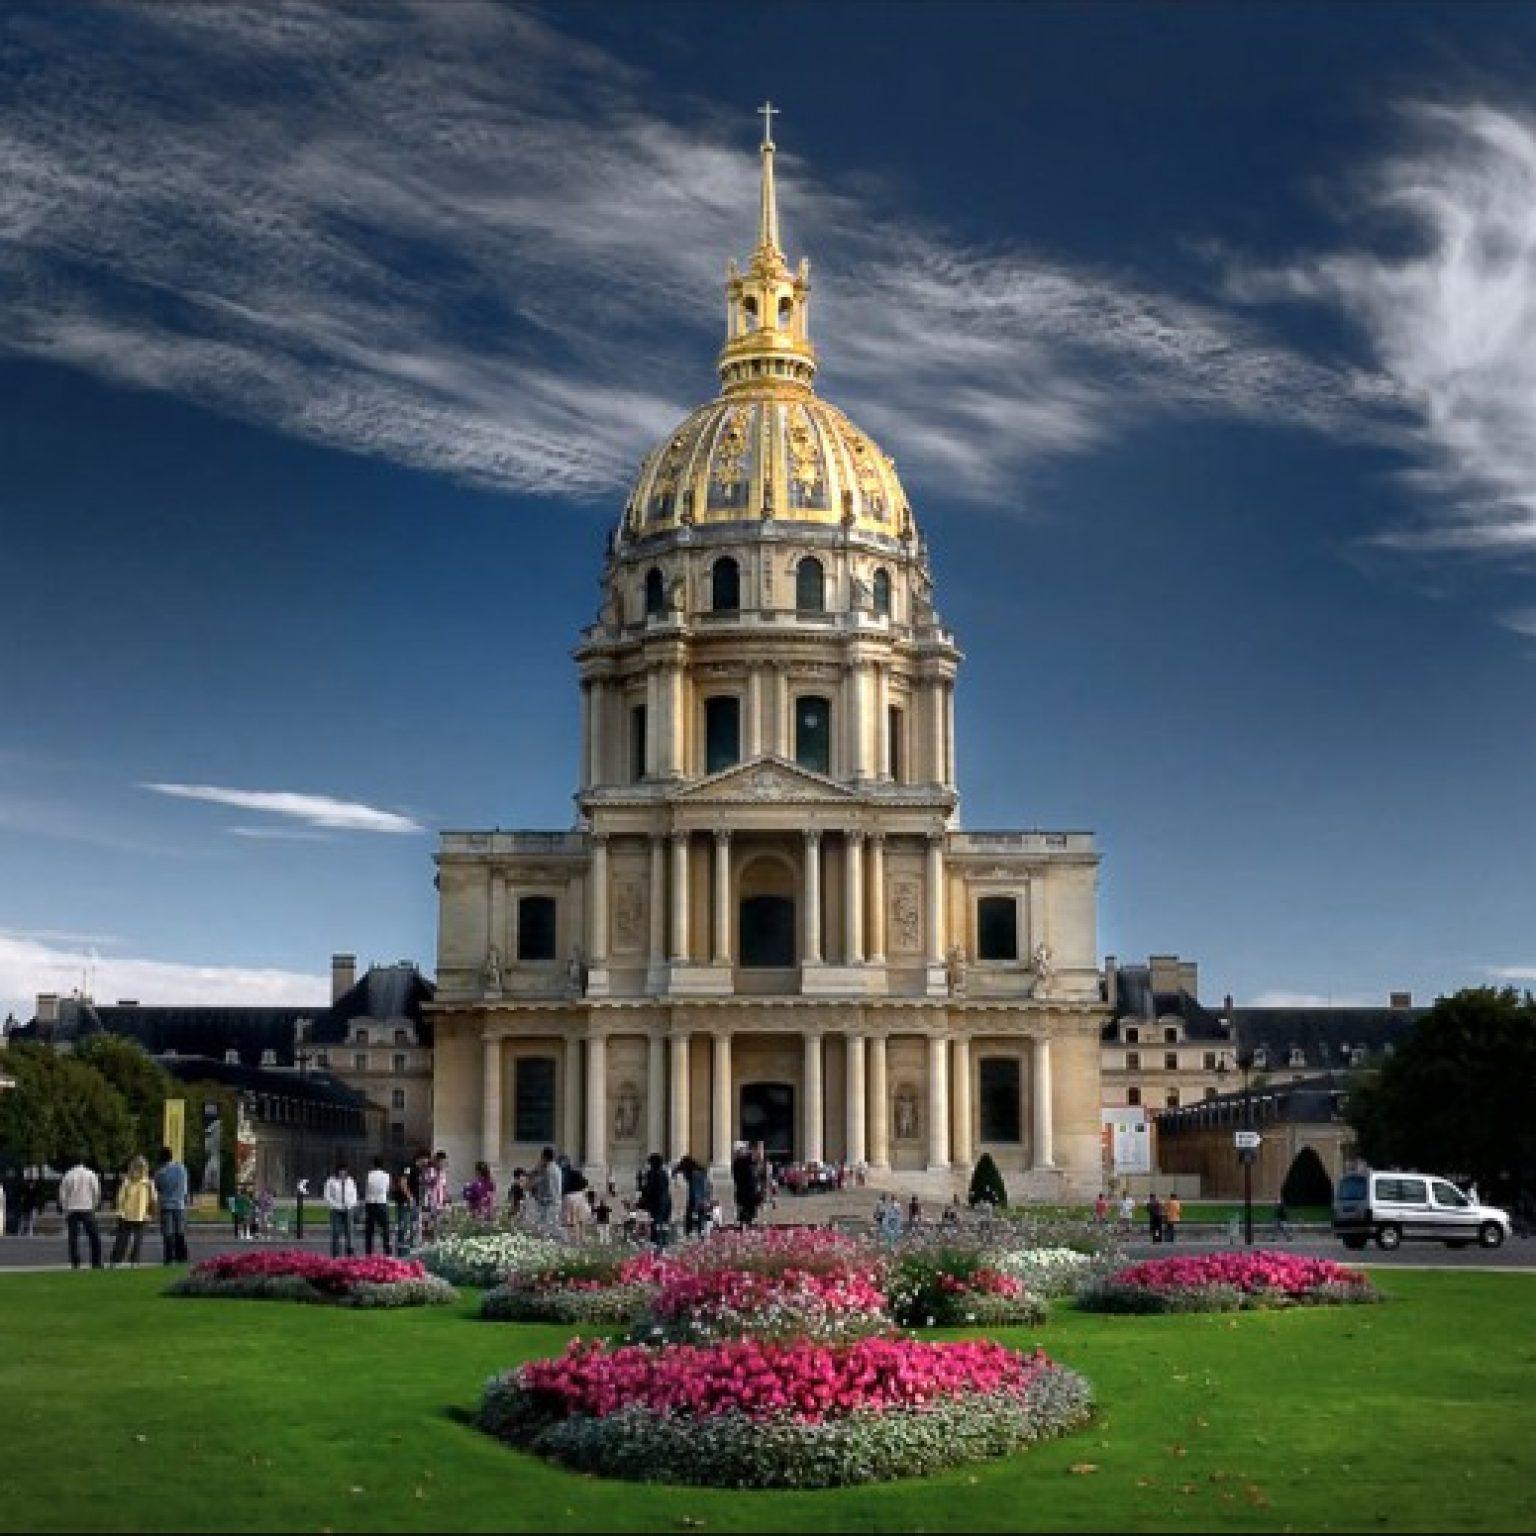 Достопримечательности Парижа: Дом инвалидов